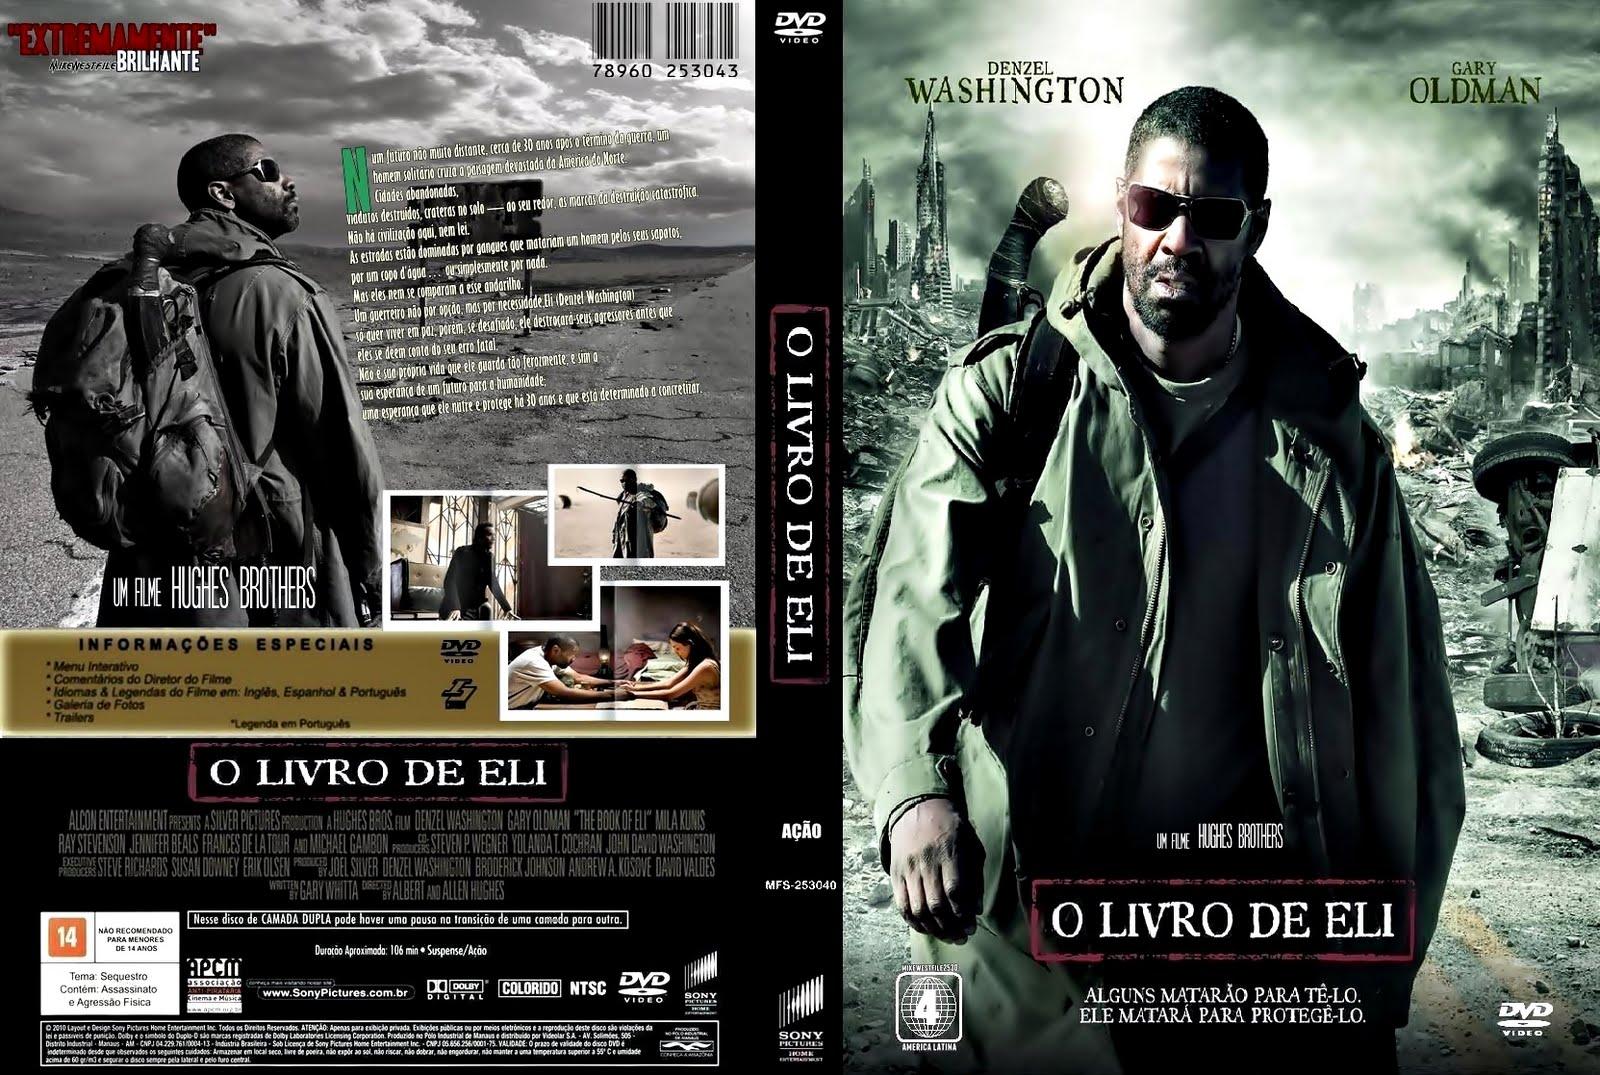 ADORO FILMES: O Livro de Eli